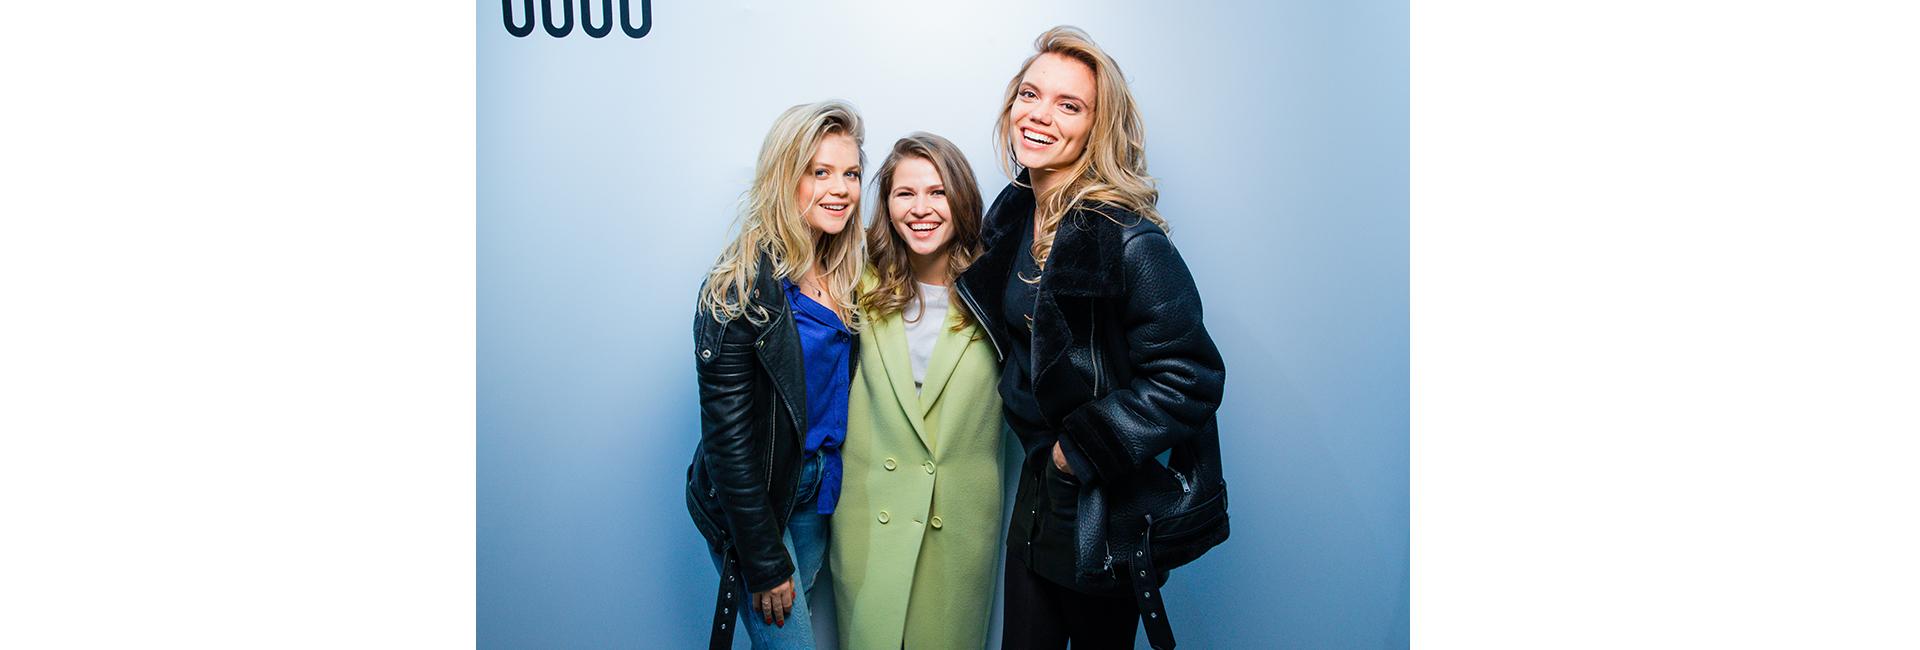 В Москве прошла вечеринка в честь запуска новой коллекции Uniqlo U (фото 16)